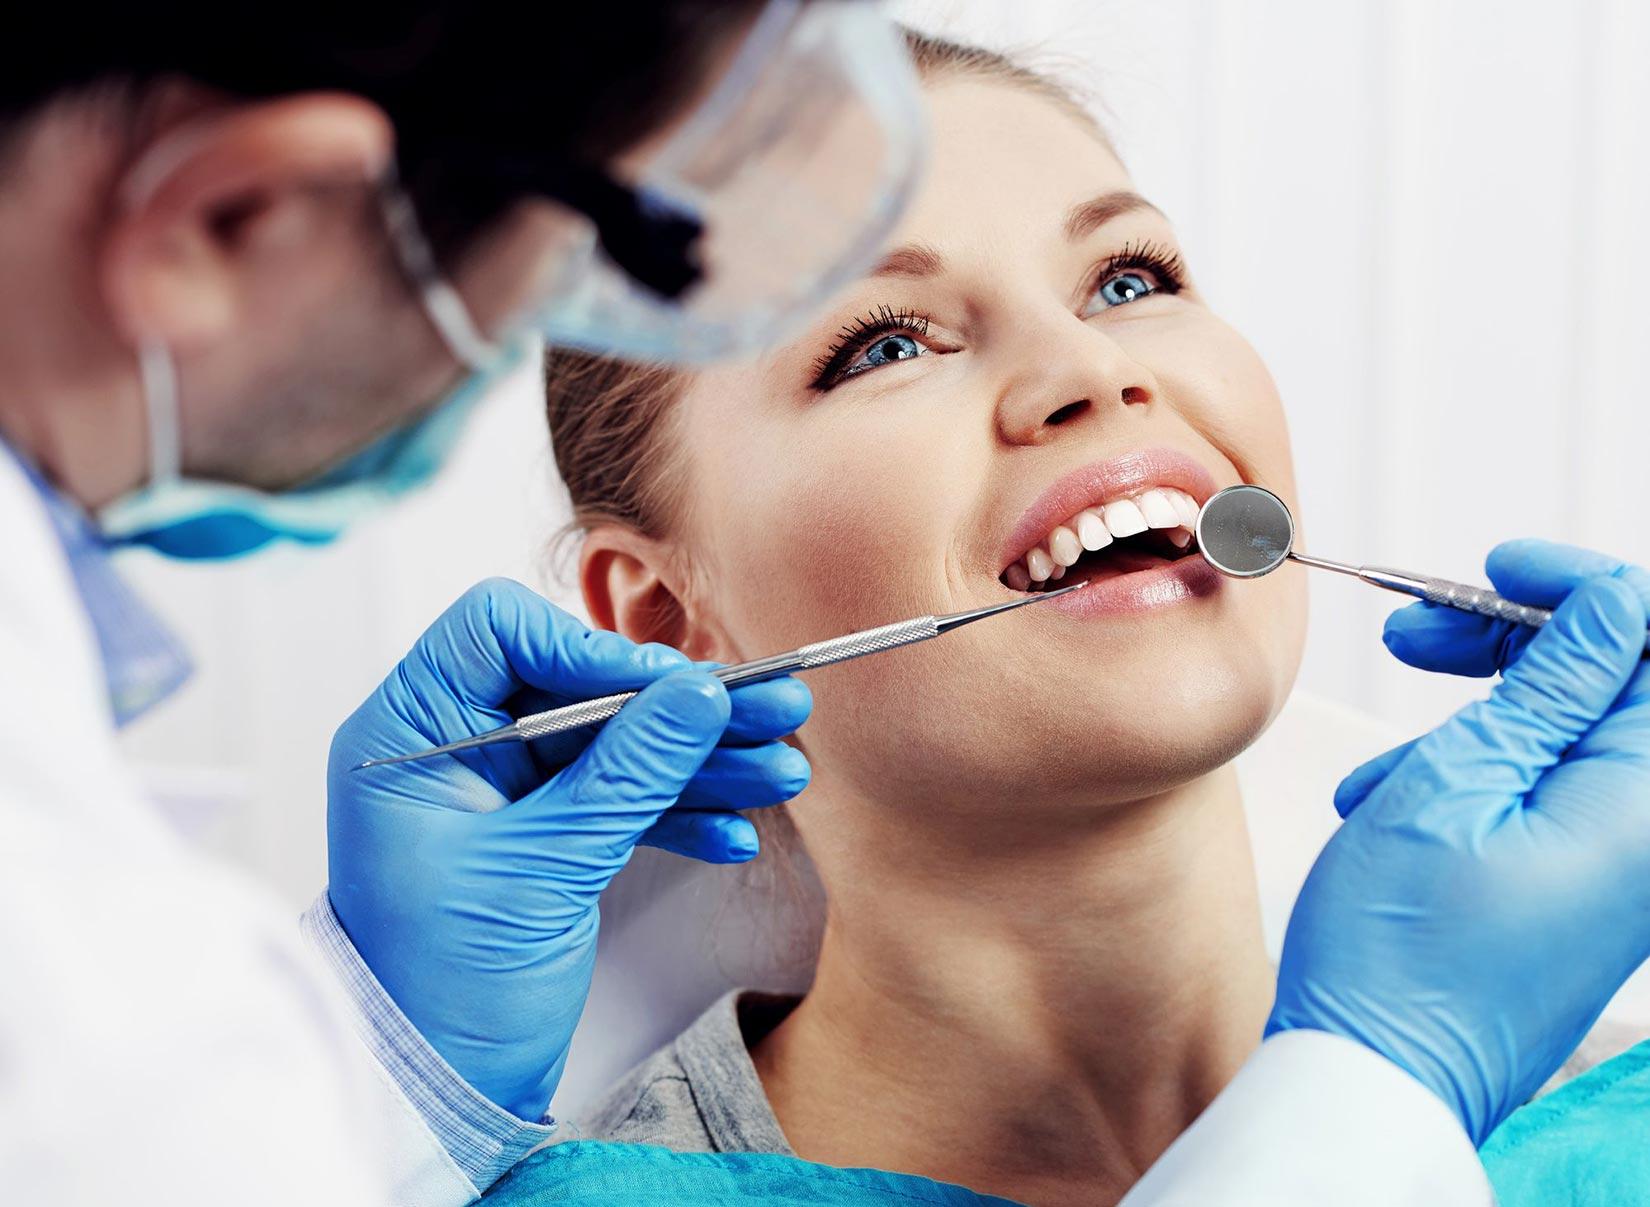 срм для стоматологии